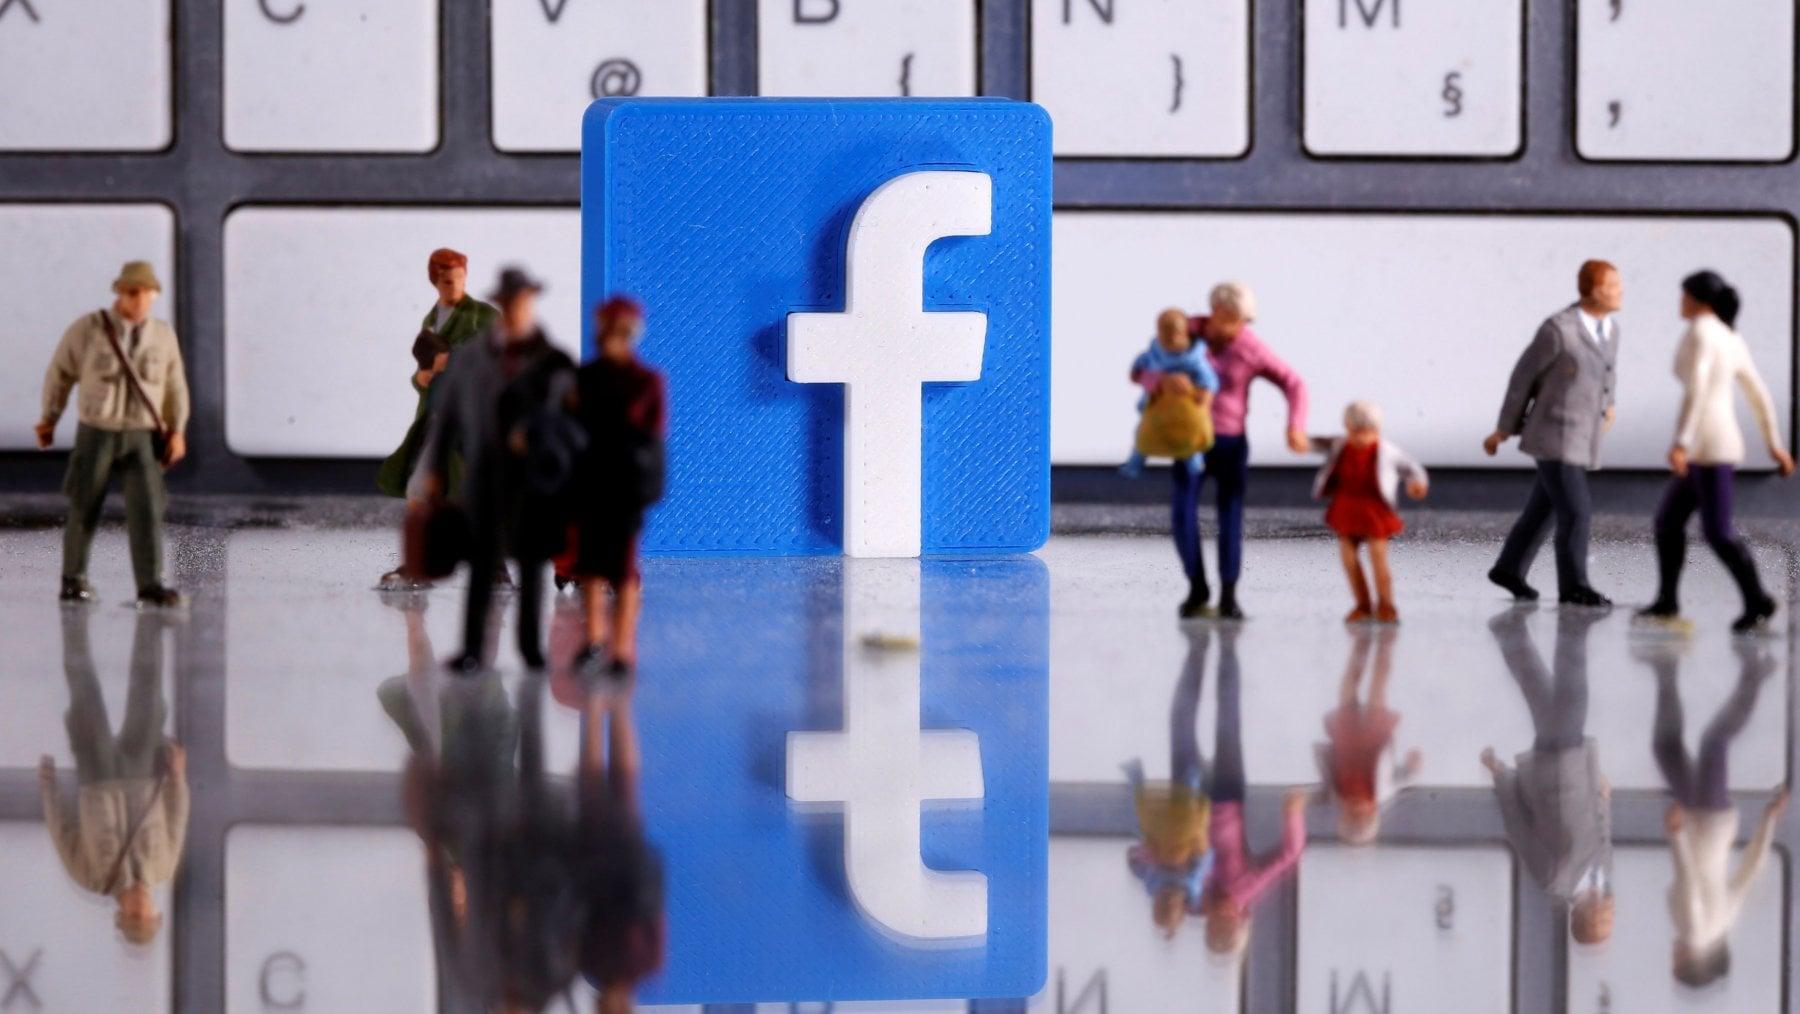 Coronavirus e disinformazione, Facebook ha rimosso 1,3 miliardi di account falsi